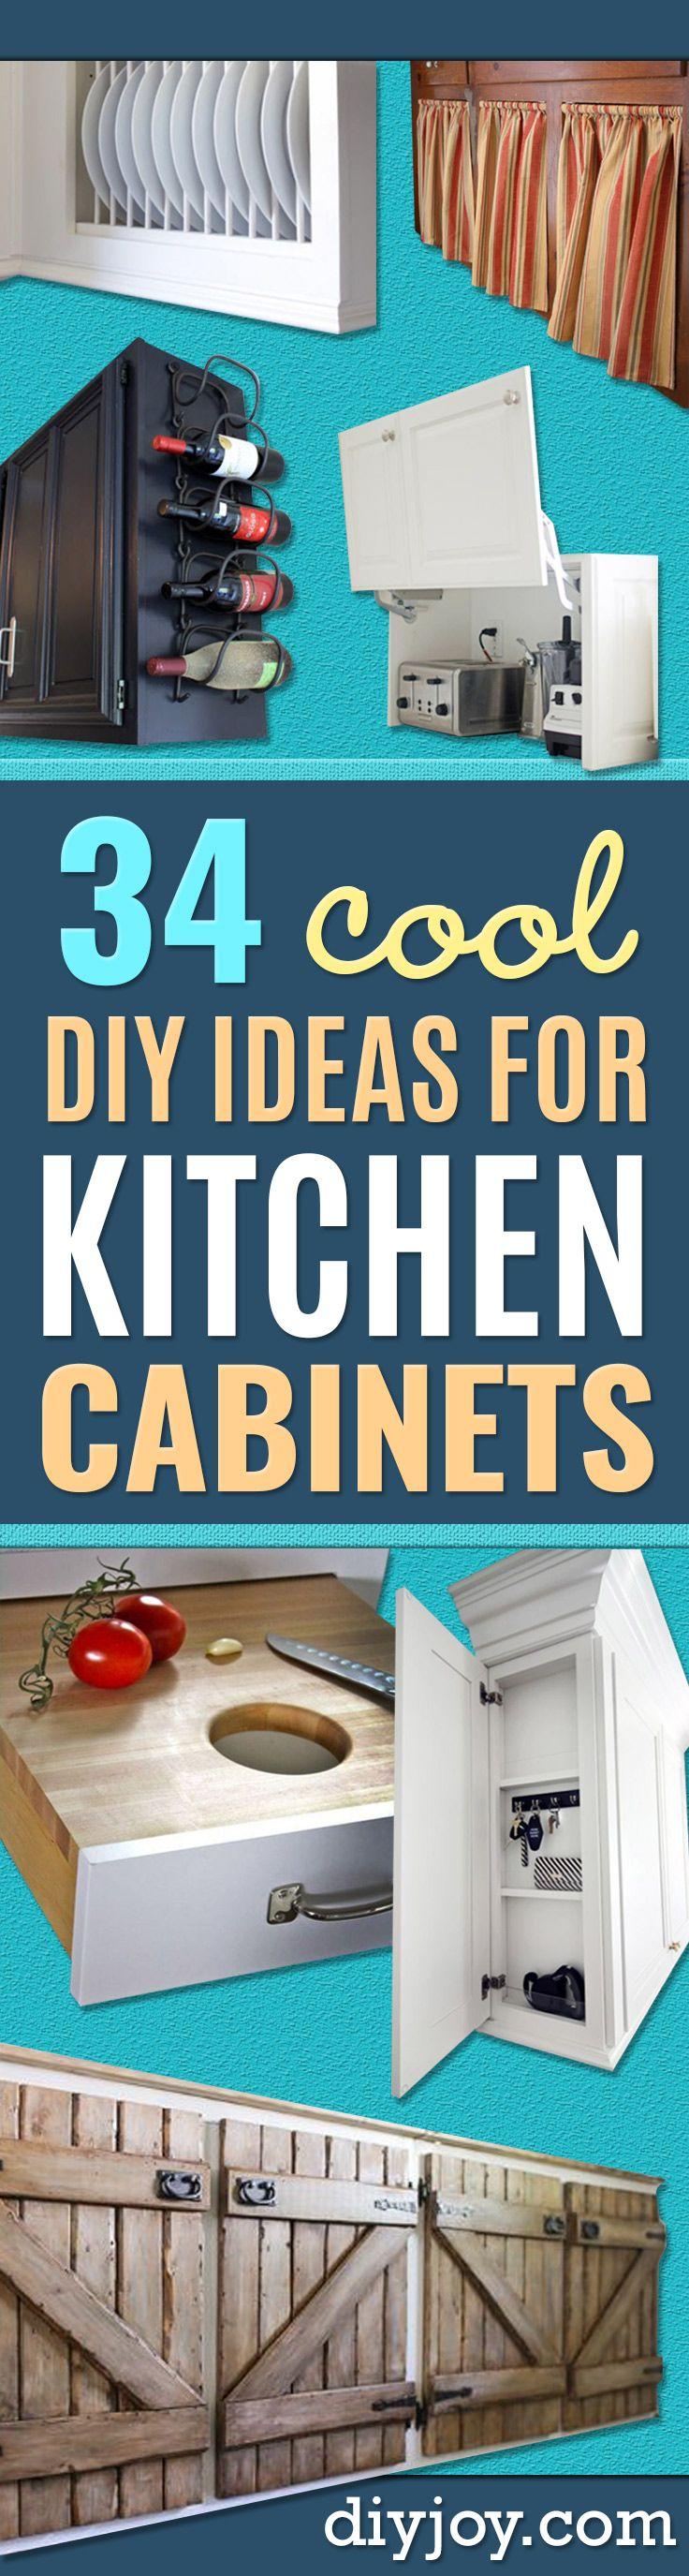 34 DIY Ideas For Kitchen Cabinets | Pinterest | Kitchen cabinet ...